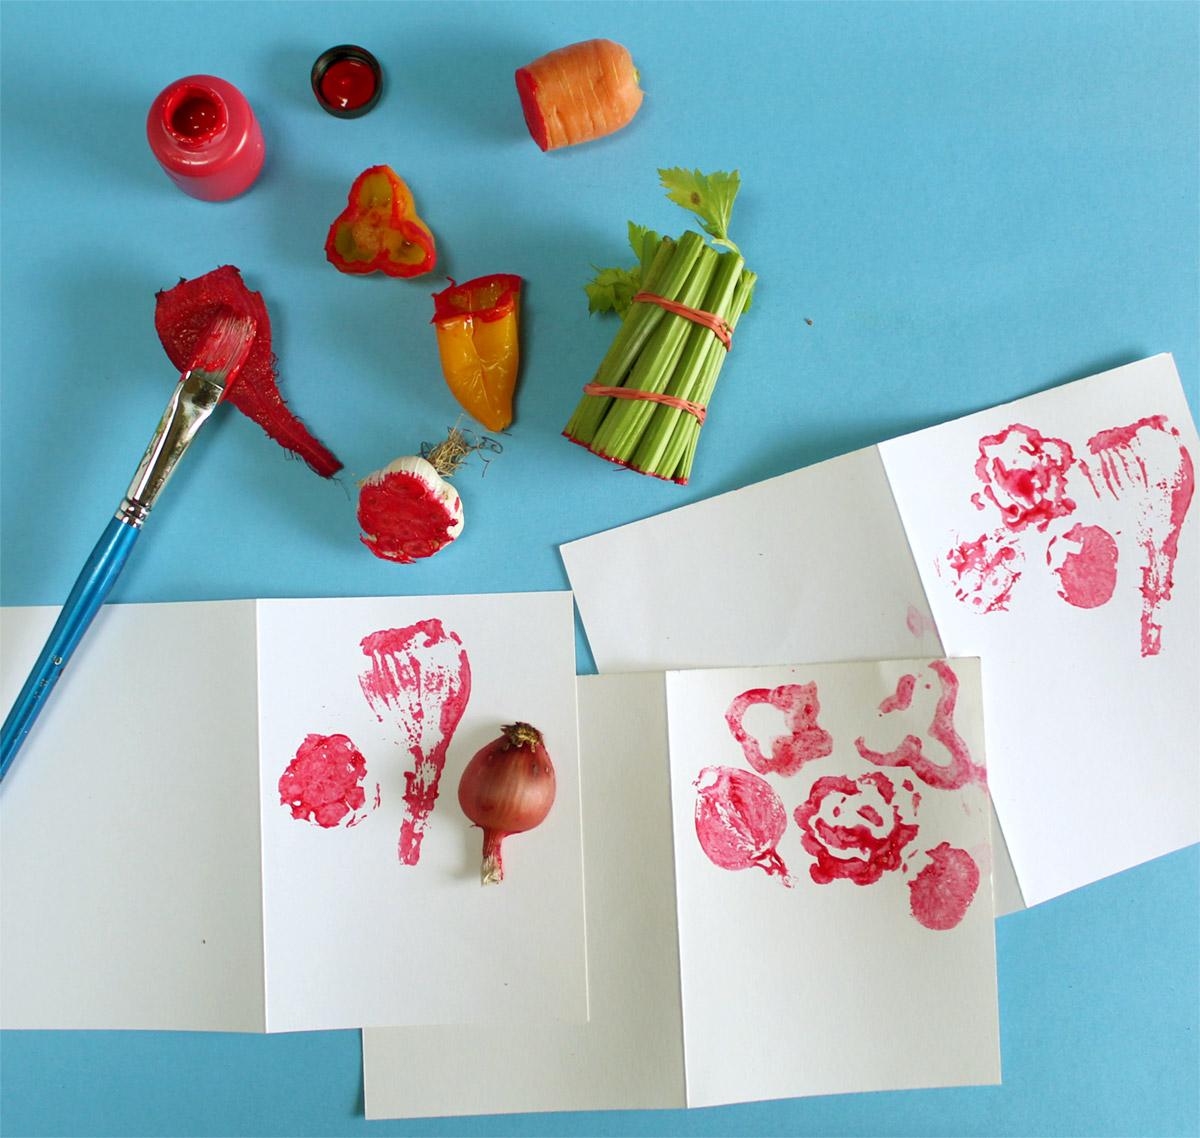 Paint the Cut Vegetables